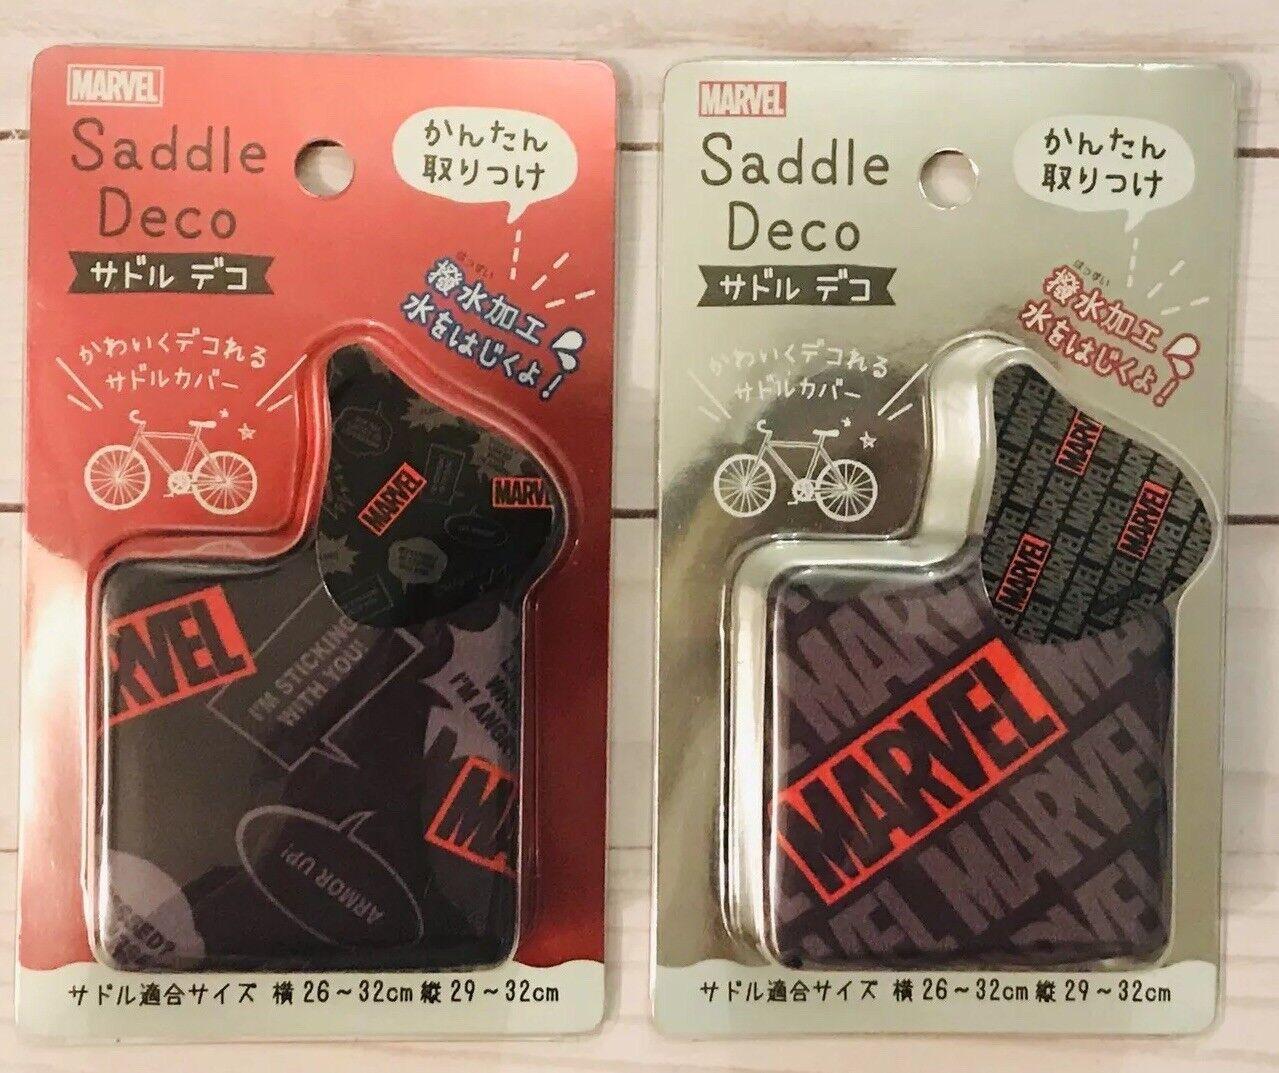 Marvel  Comics JAPAN Import  2 Bicycle Saddle Deco Seat Cover Lot Set  Bike Cycle  unique design